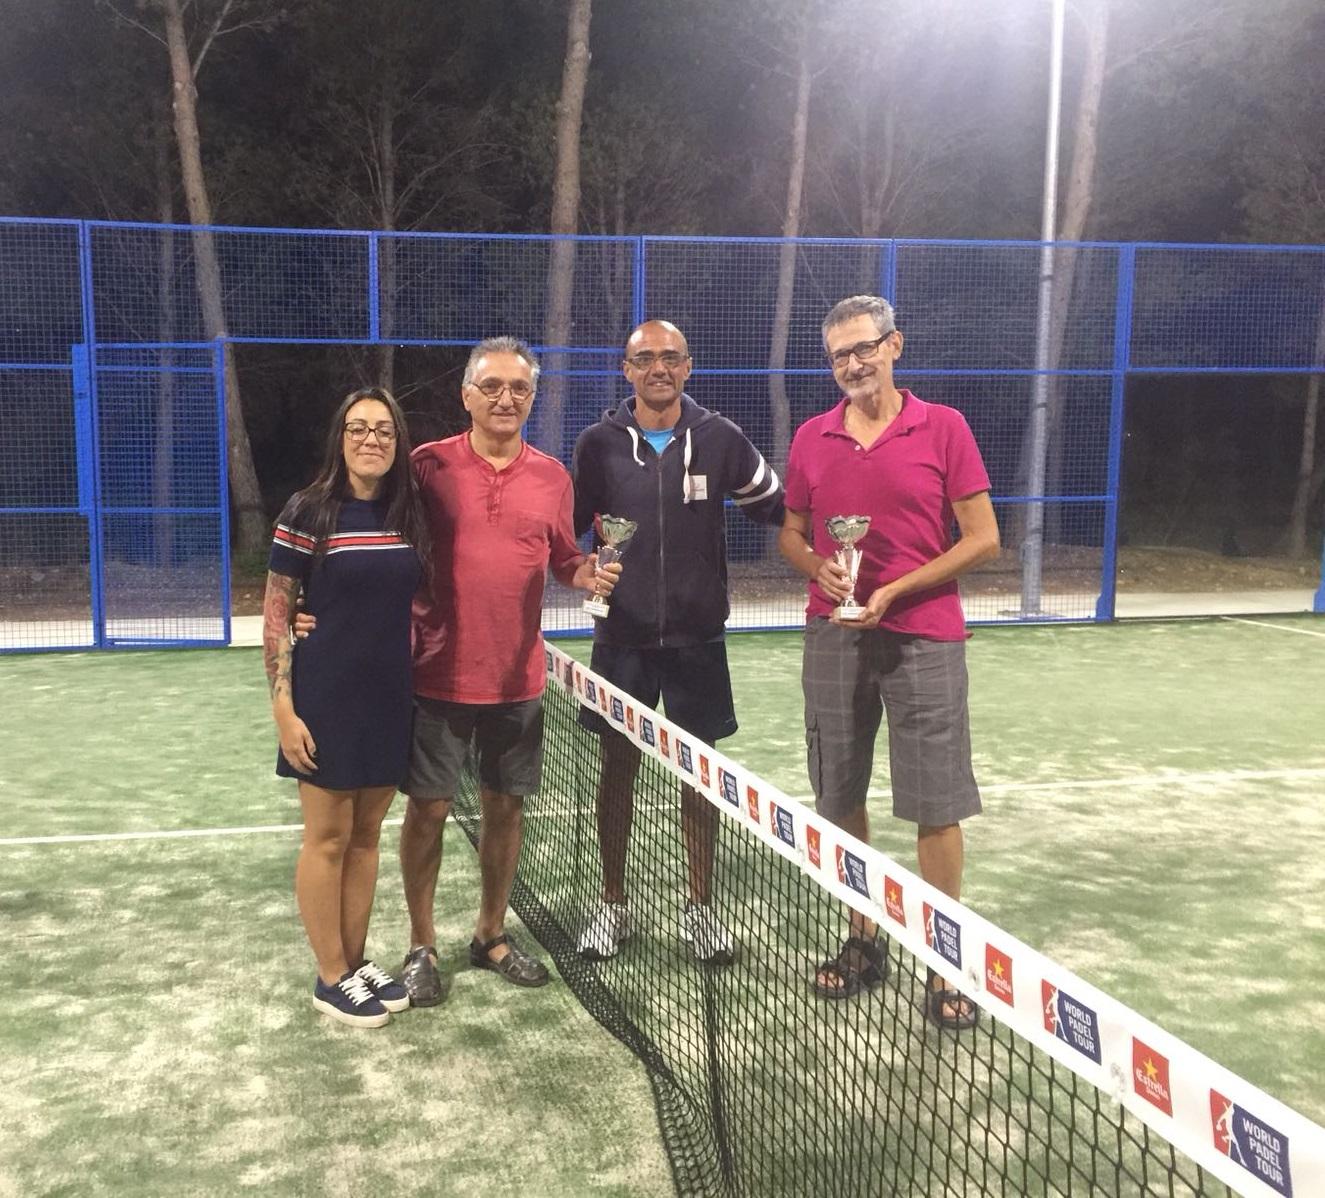 El Pádel y el Squash se unen a la amplia oferta disponible en deportes de raqueta en Buñol.